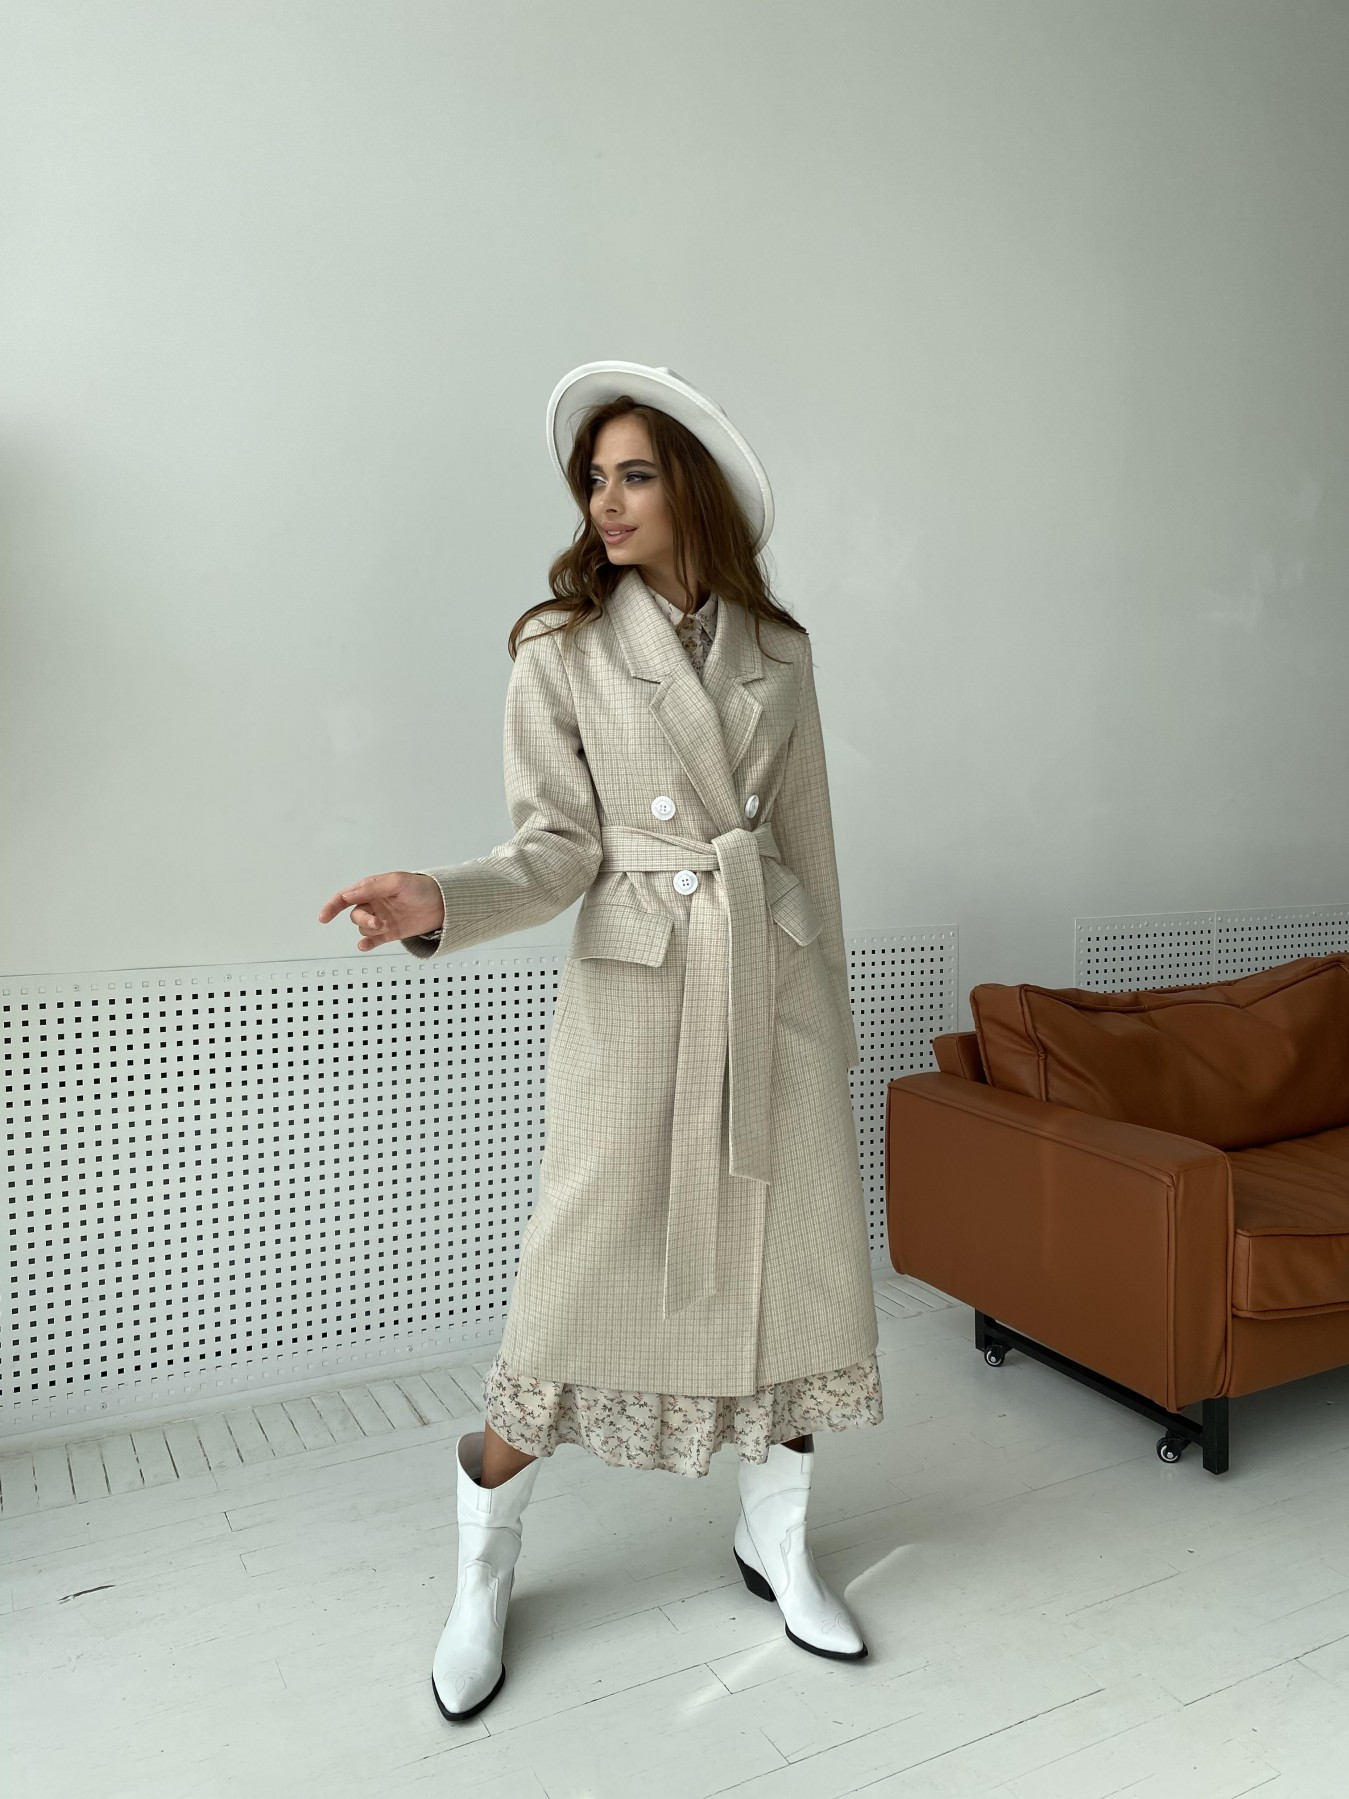 Статус пальто из тонкого кашемира в клетку 11780 АРТ. 48520 Цвет: Бежевый/молоко/КлетМел - фото 1, интернет магазин tm-modus.ru